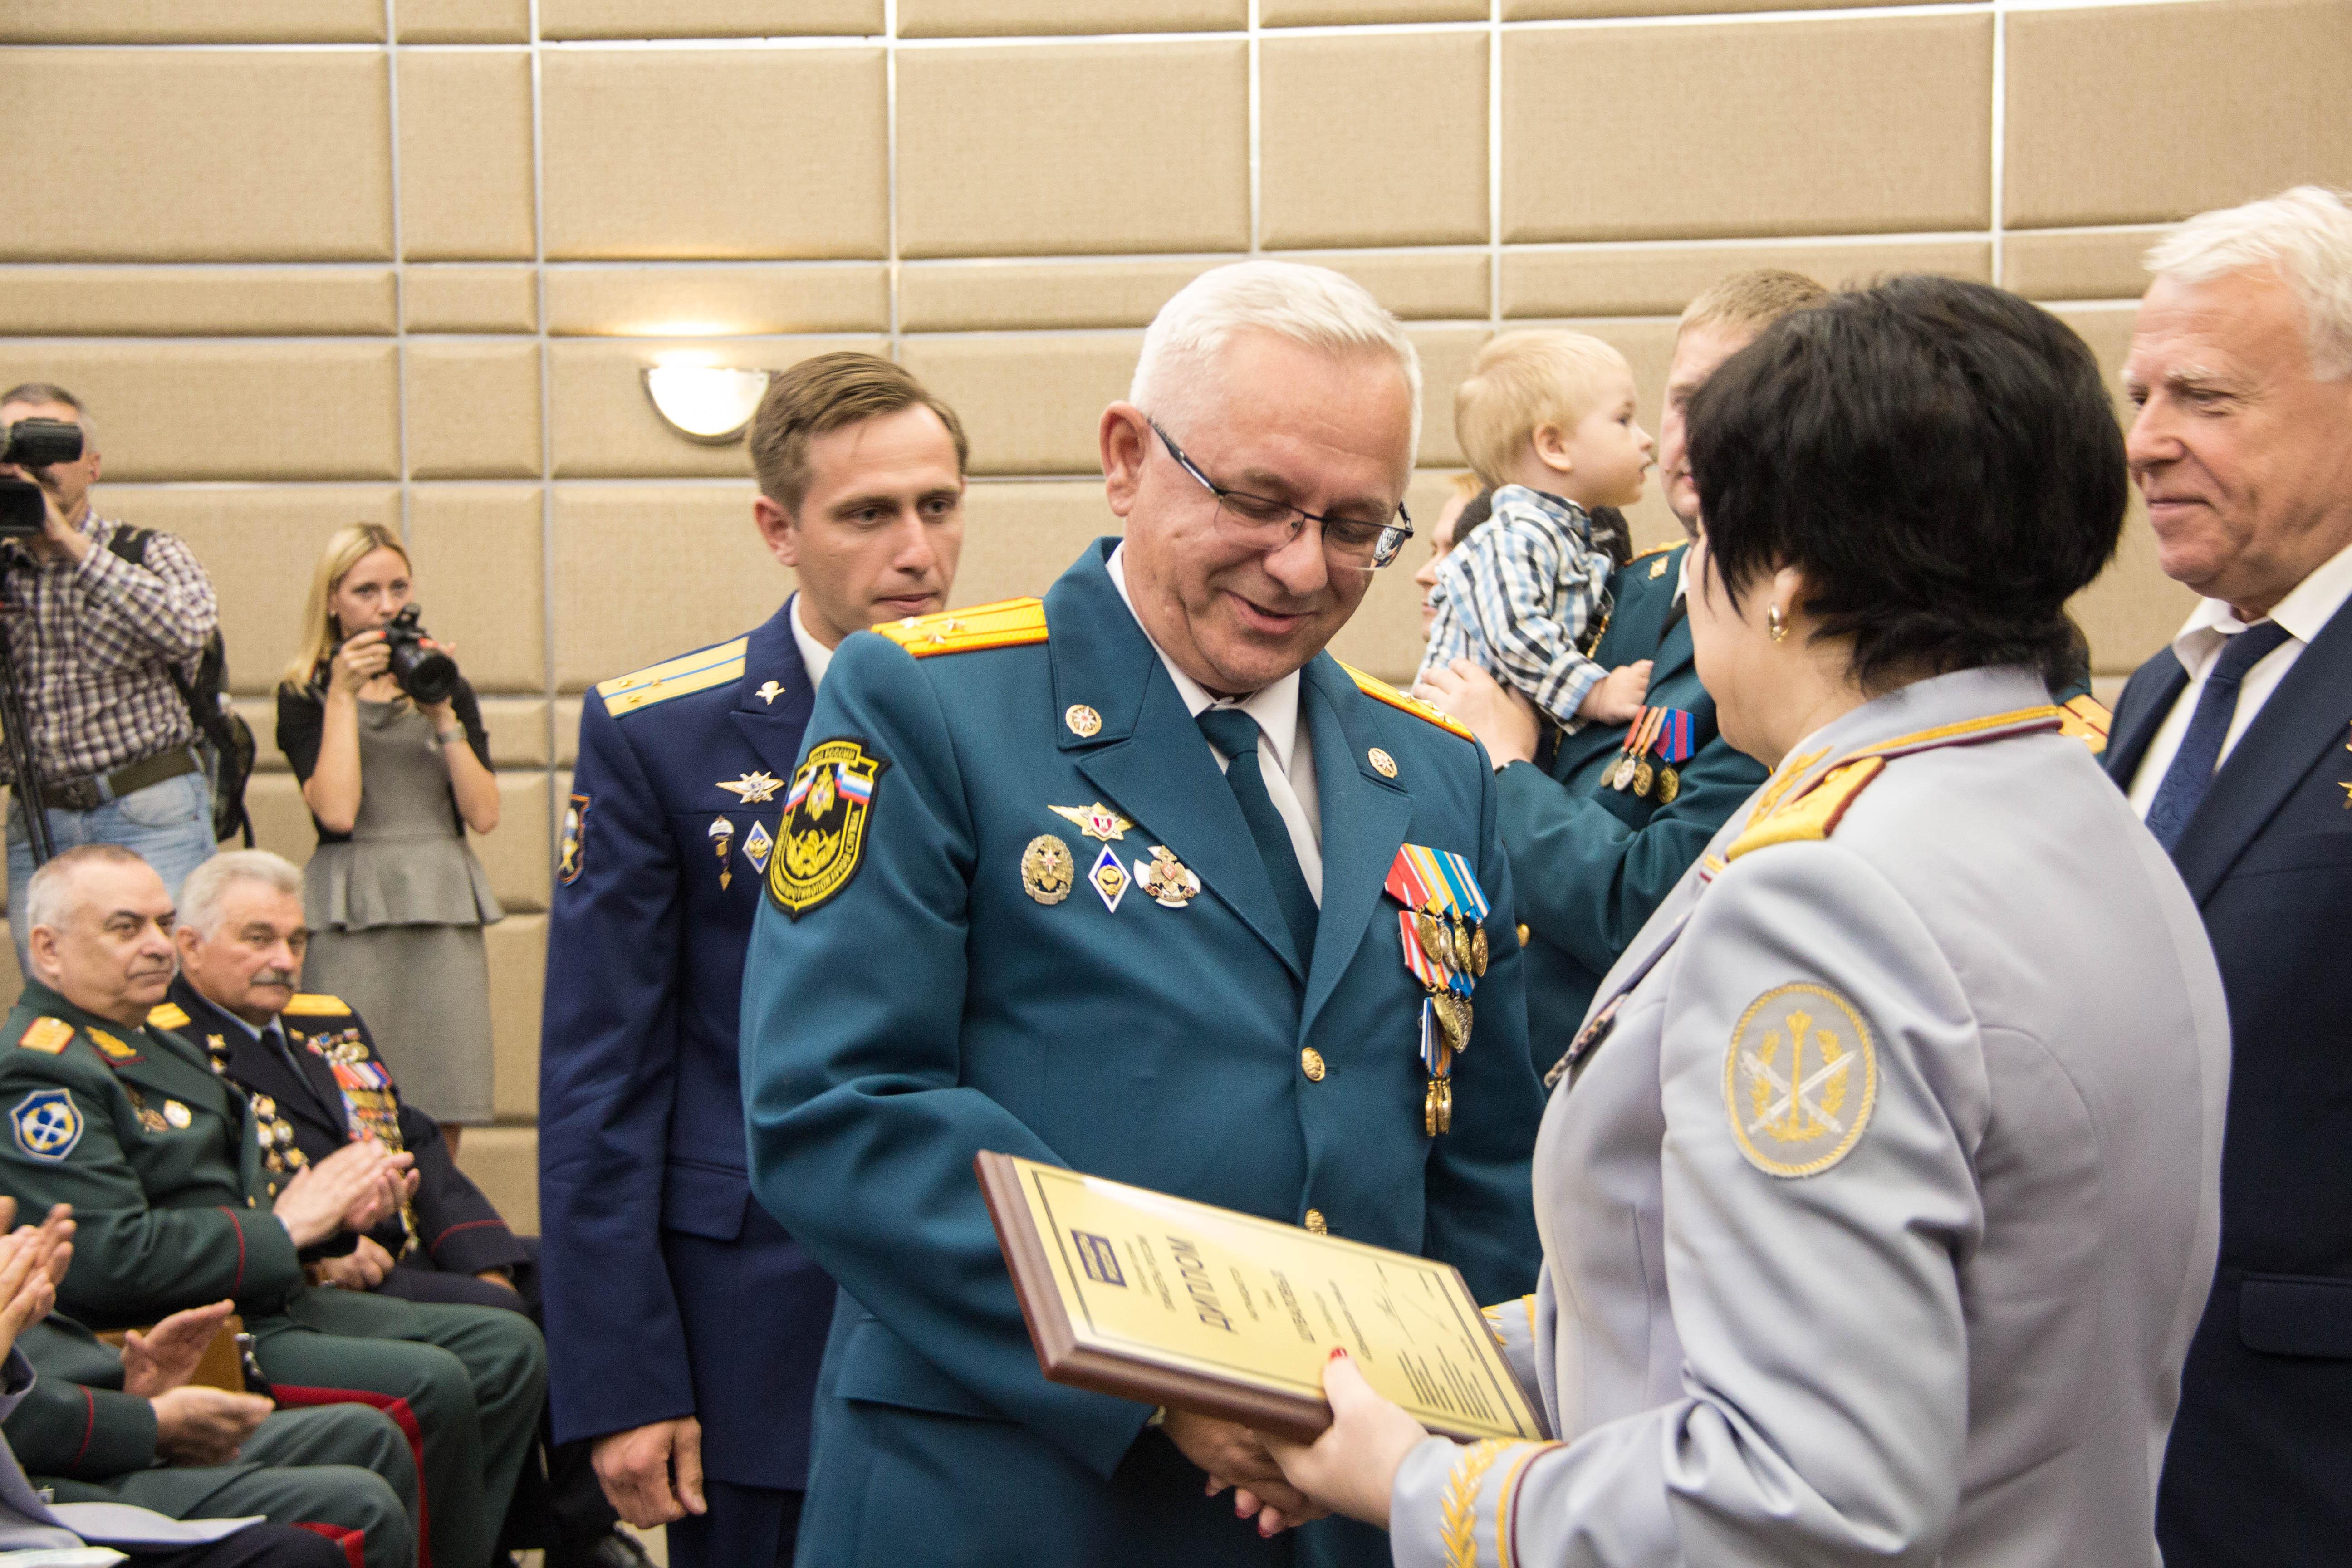 Сотрудники МЧС Москвы награждены премией «Офицеры России»